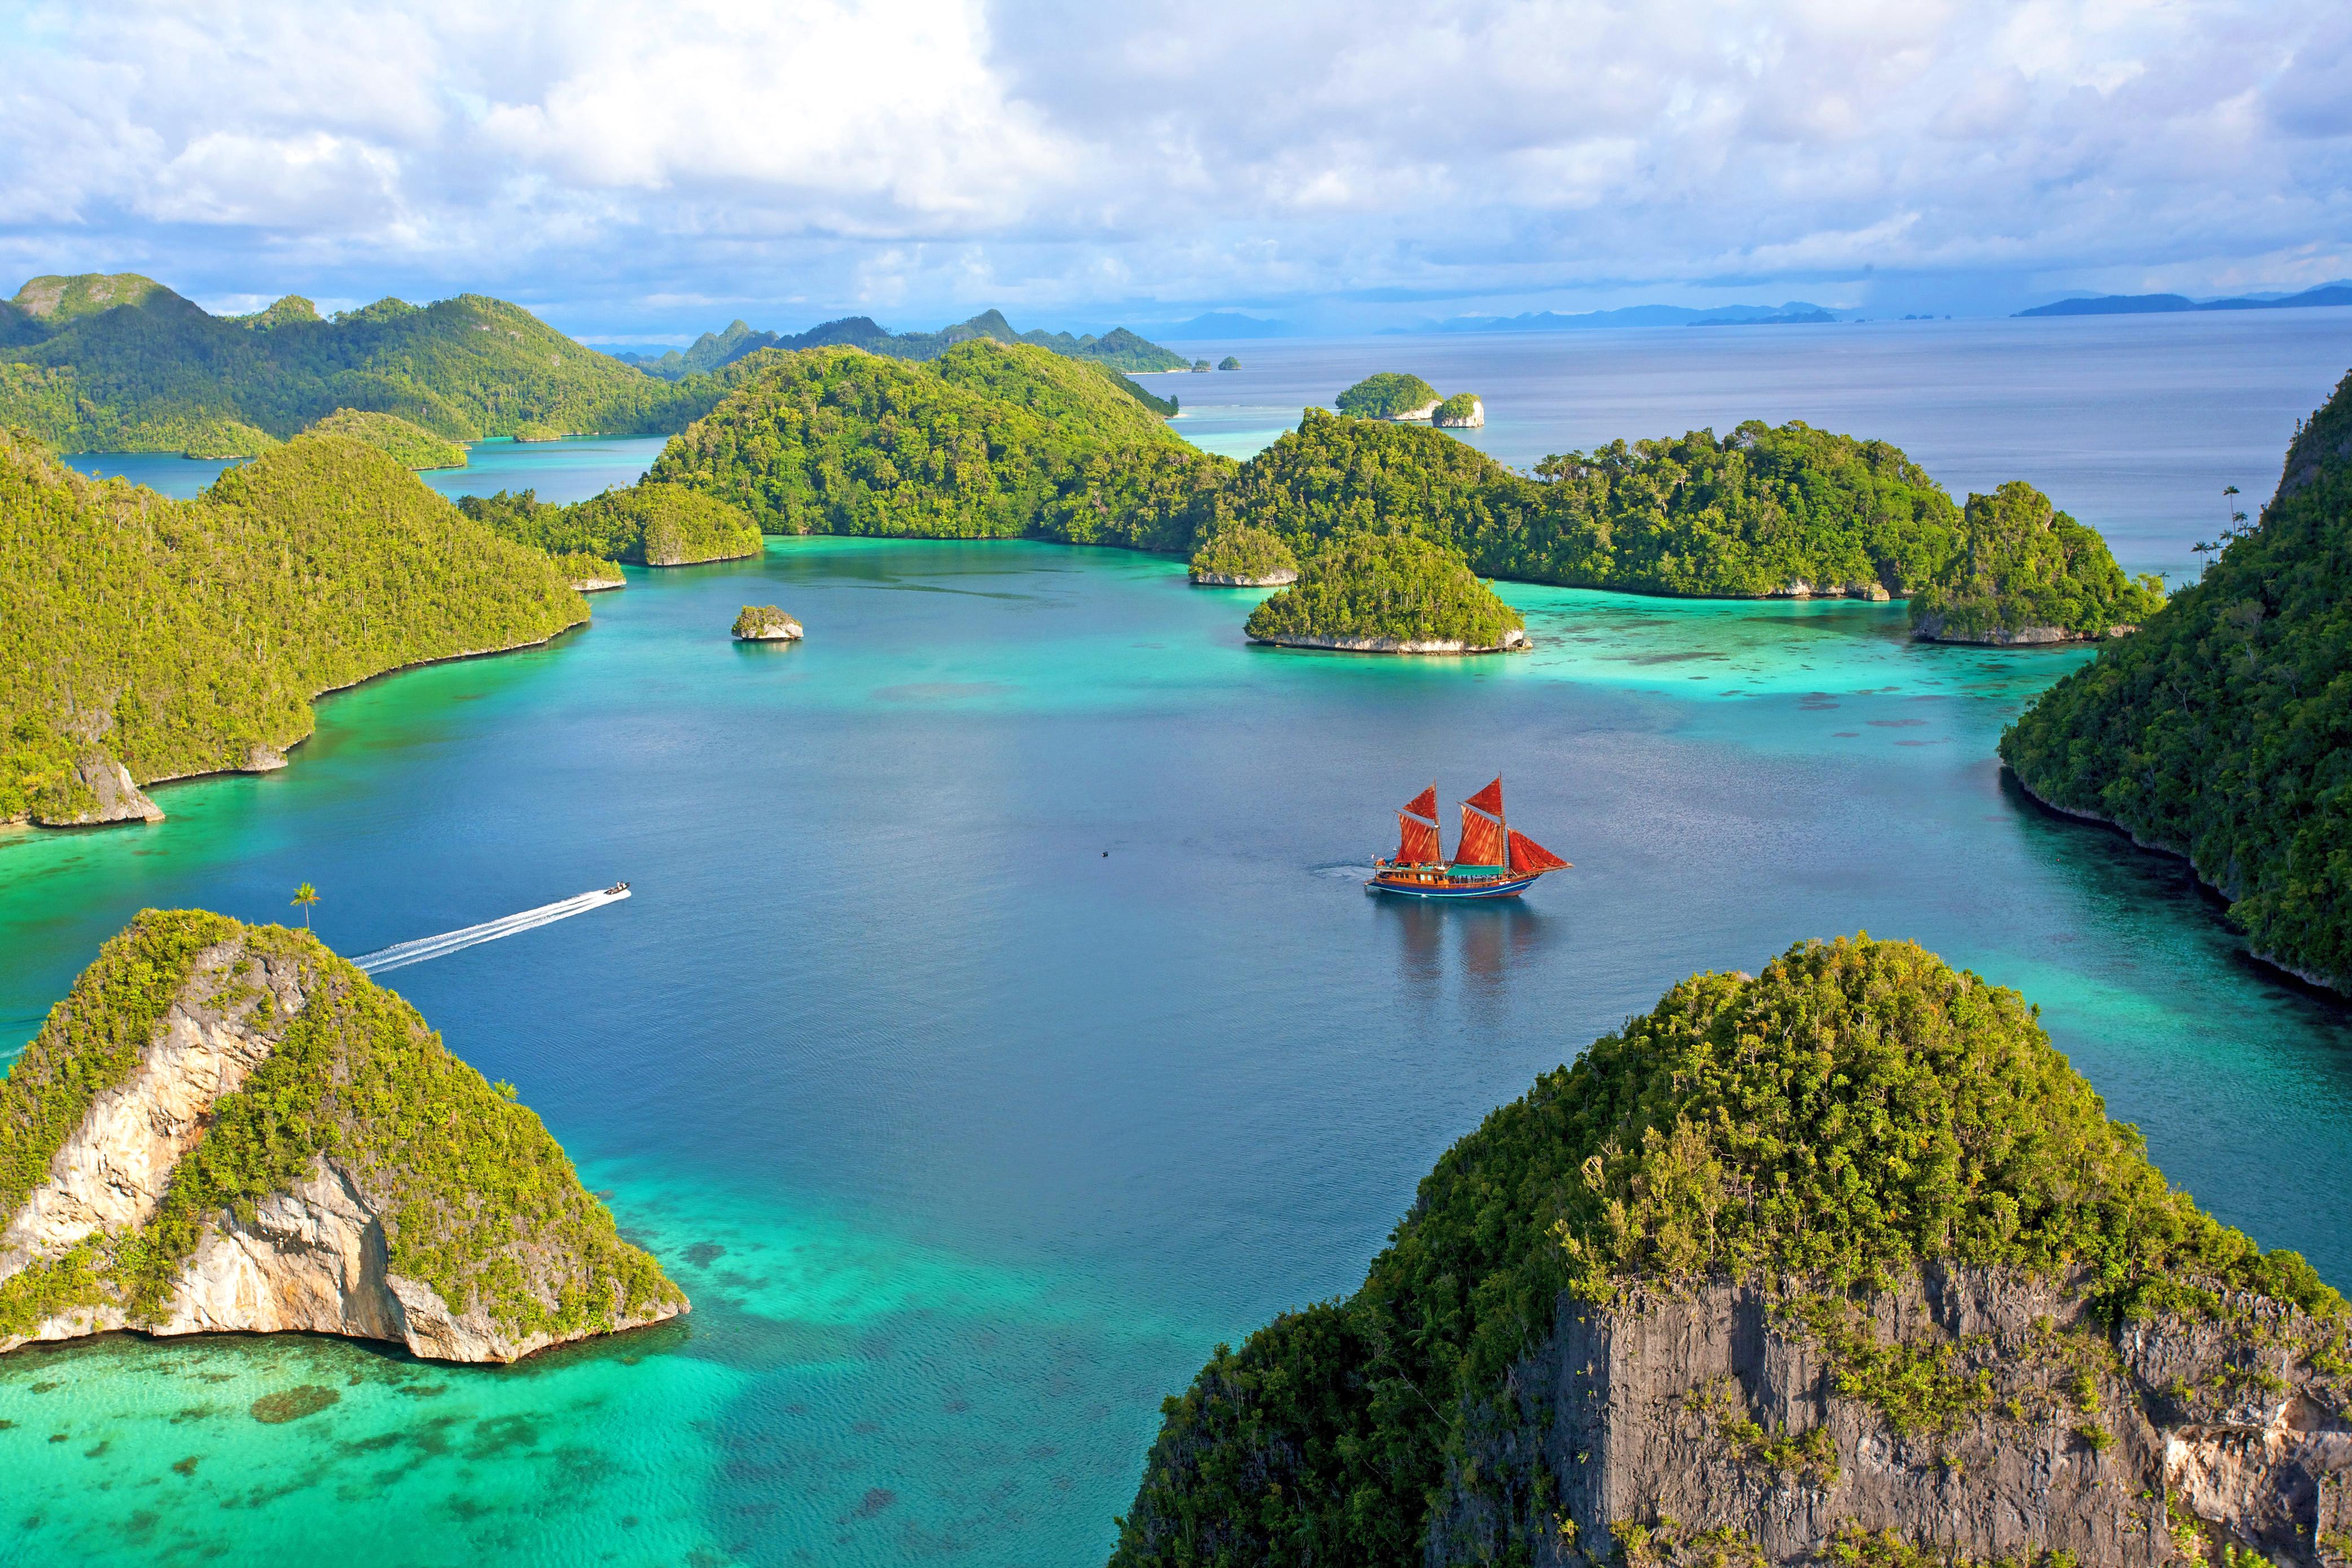 индонезия, море, острова